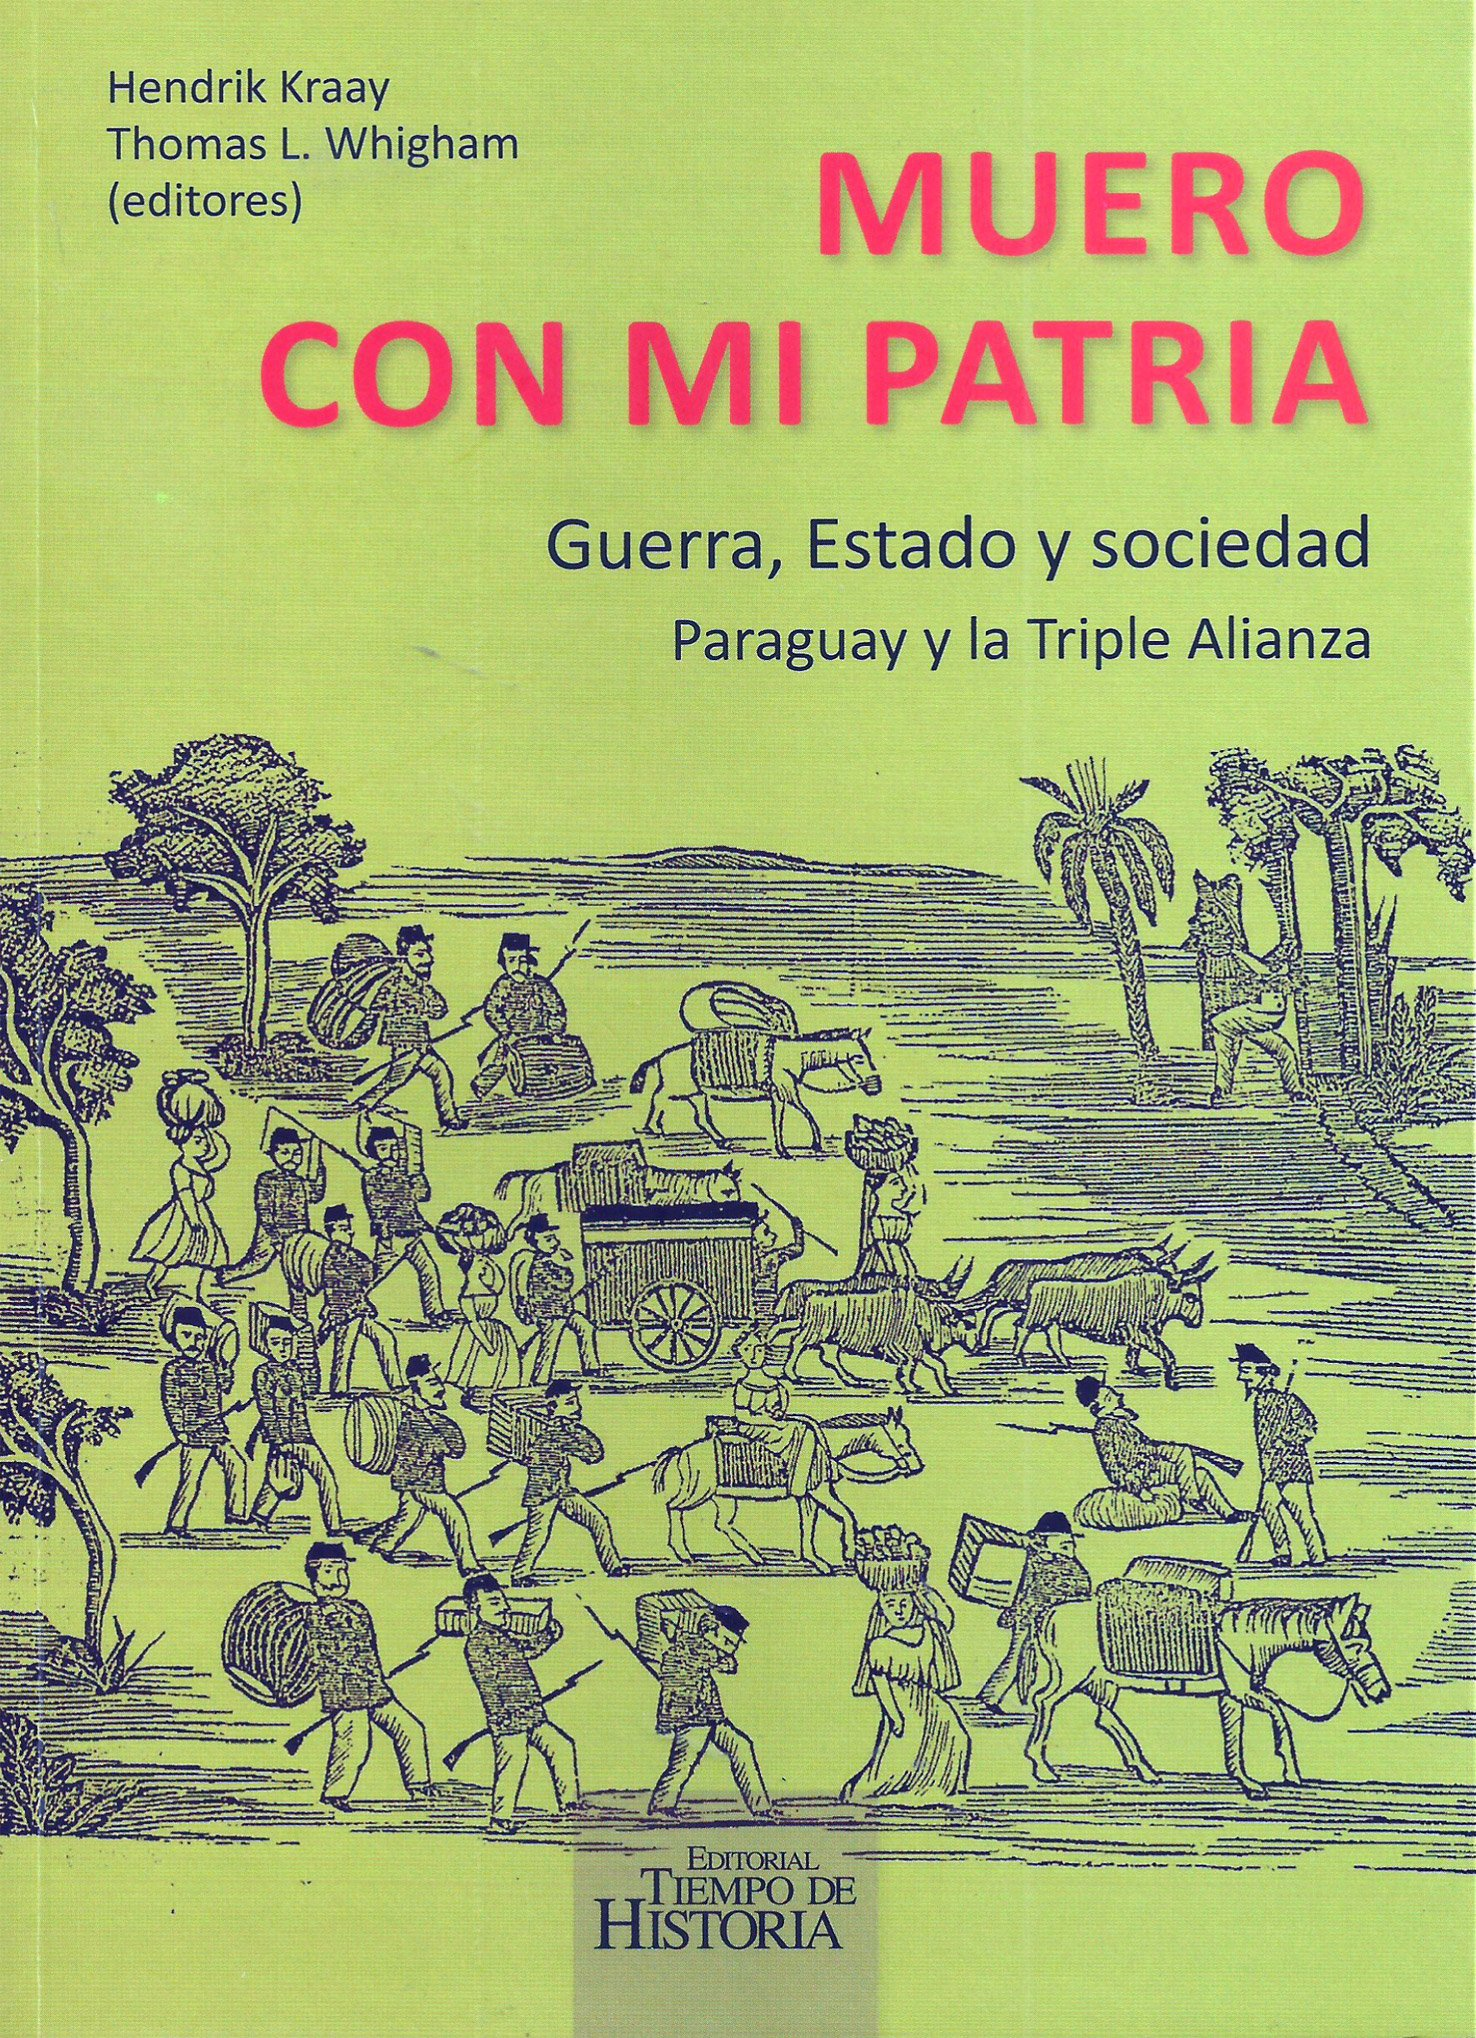 Muero con mi patria, Guerra, Estado y sociedad, Paraguay y la Triple Alianza (Spanish Edition): Hendrik Kraay (editor), Thomas L. Whigham (editor), ...